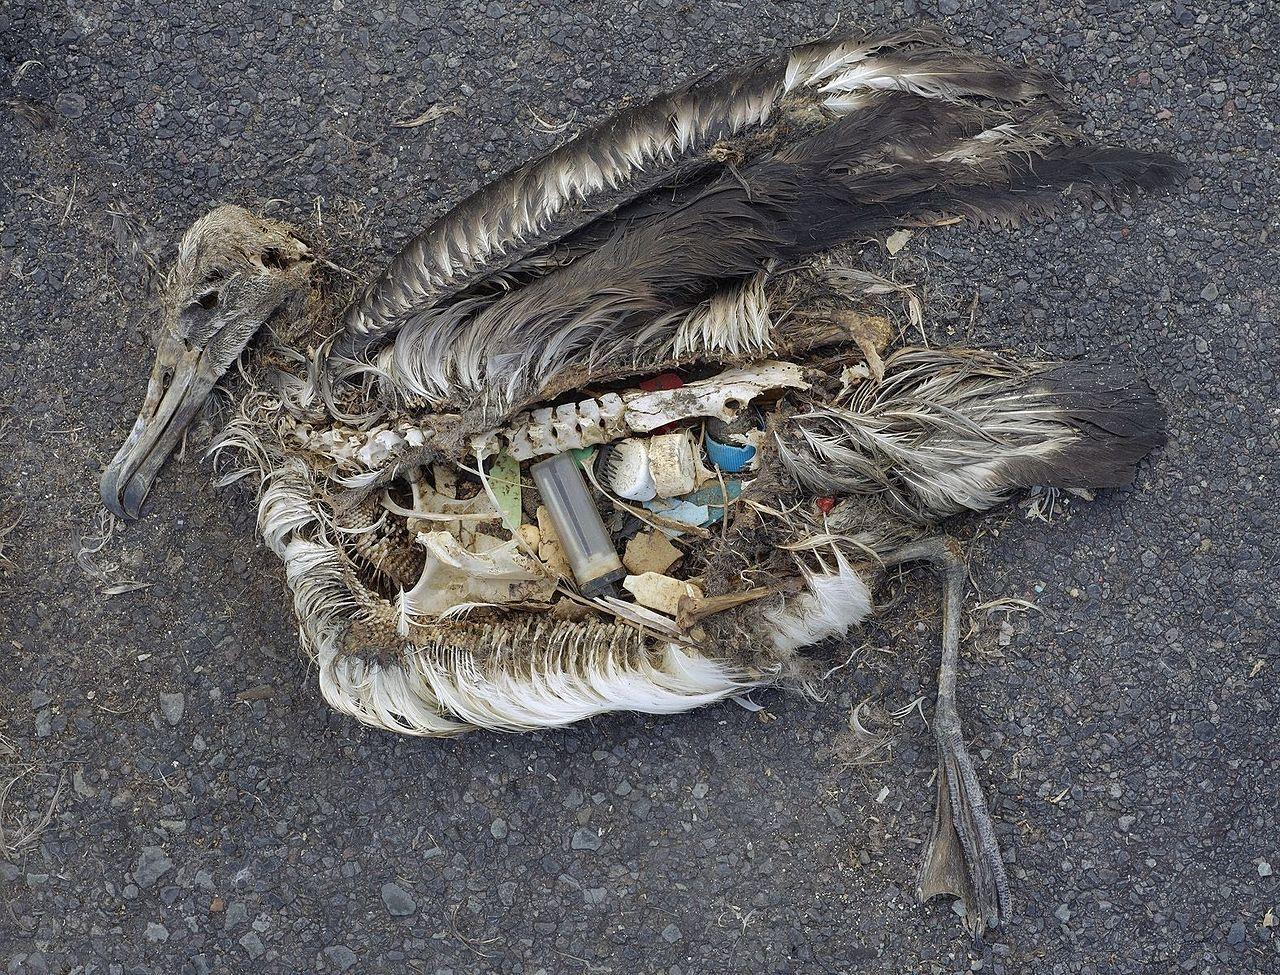 Plast fyller haven miljoner ton slangs